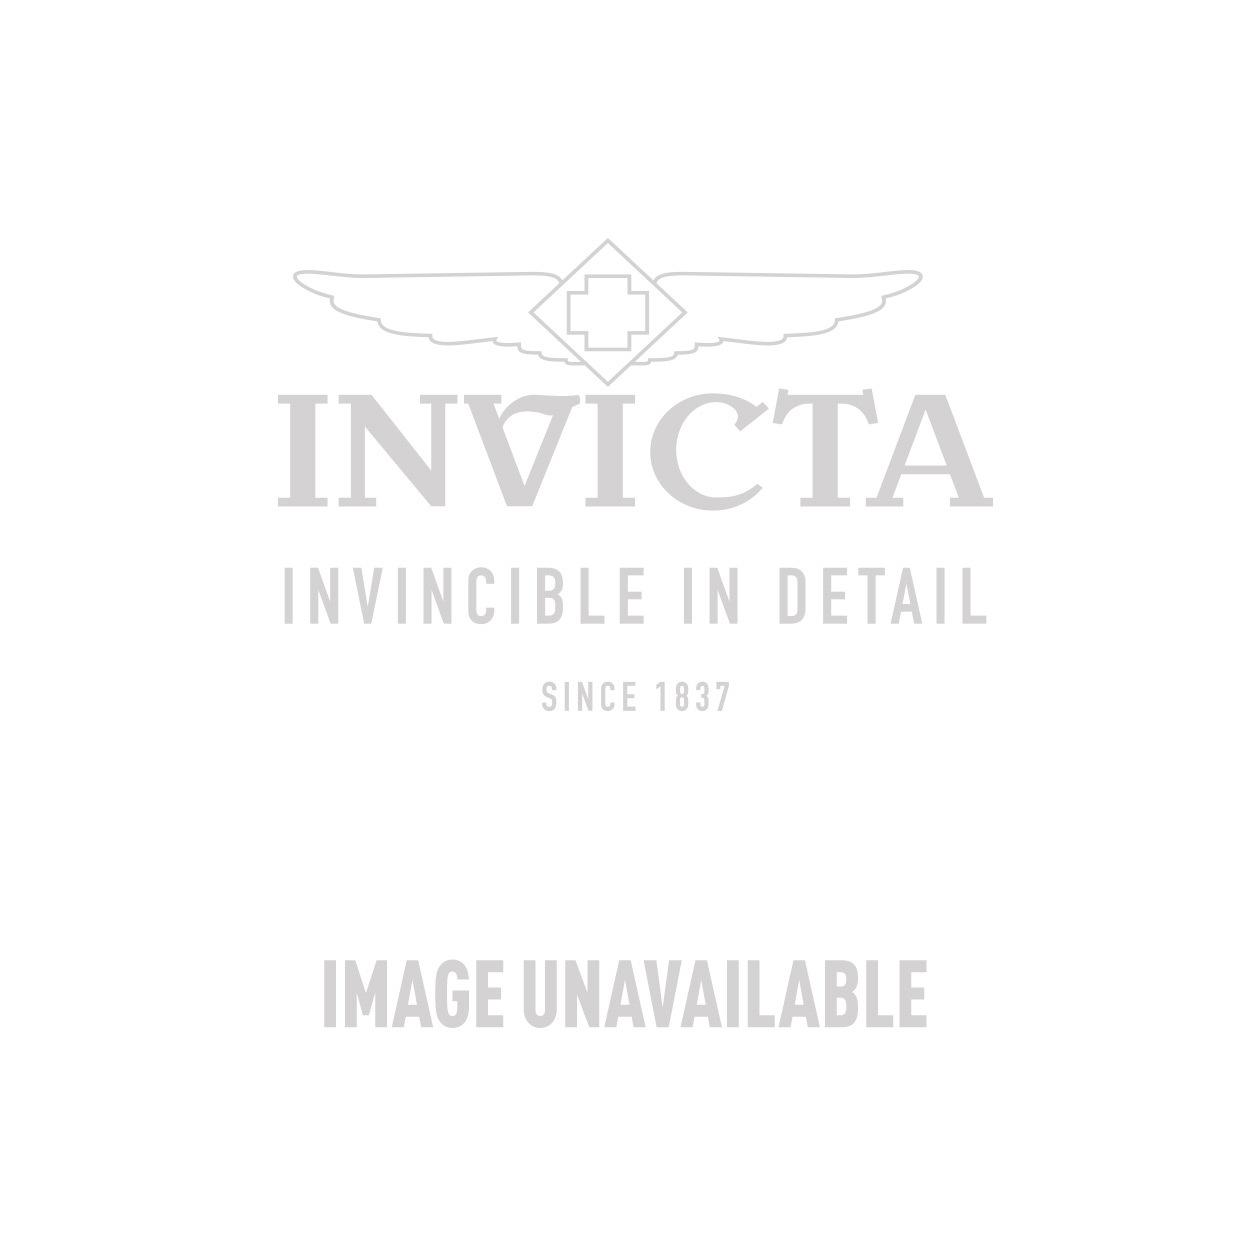 Invicta Model 23458